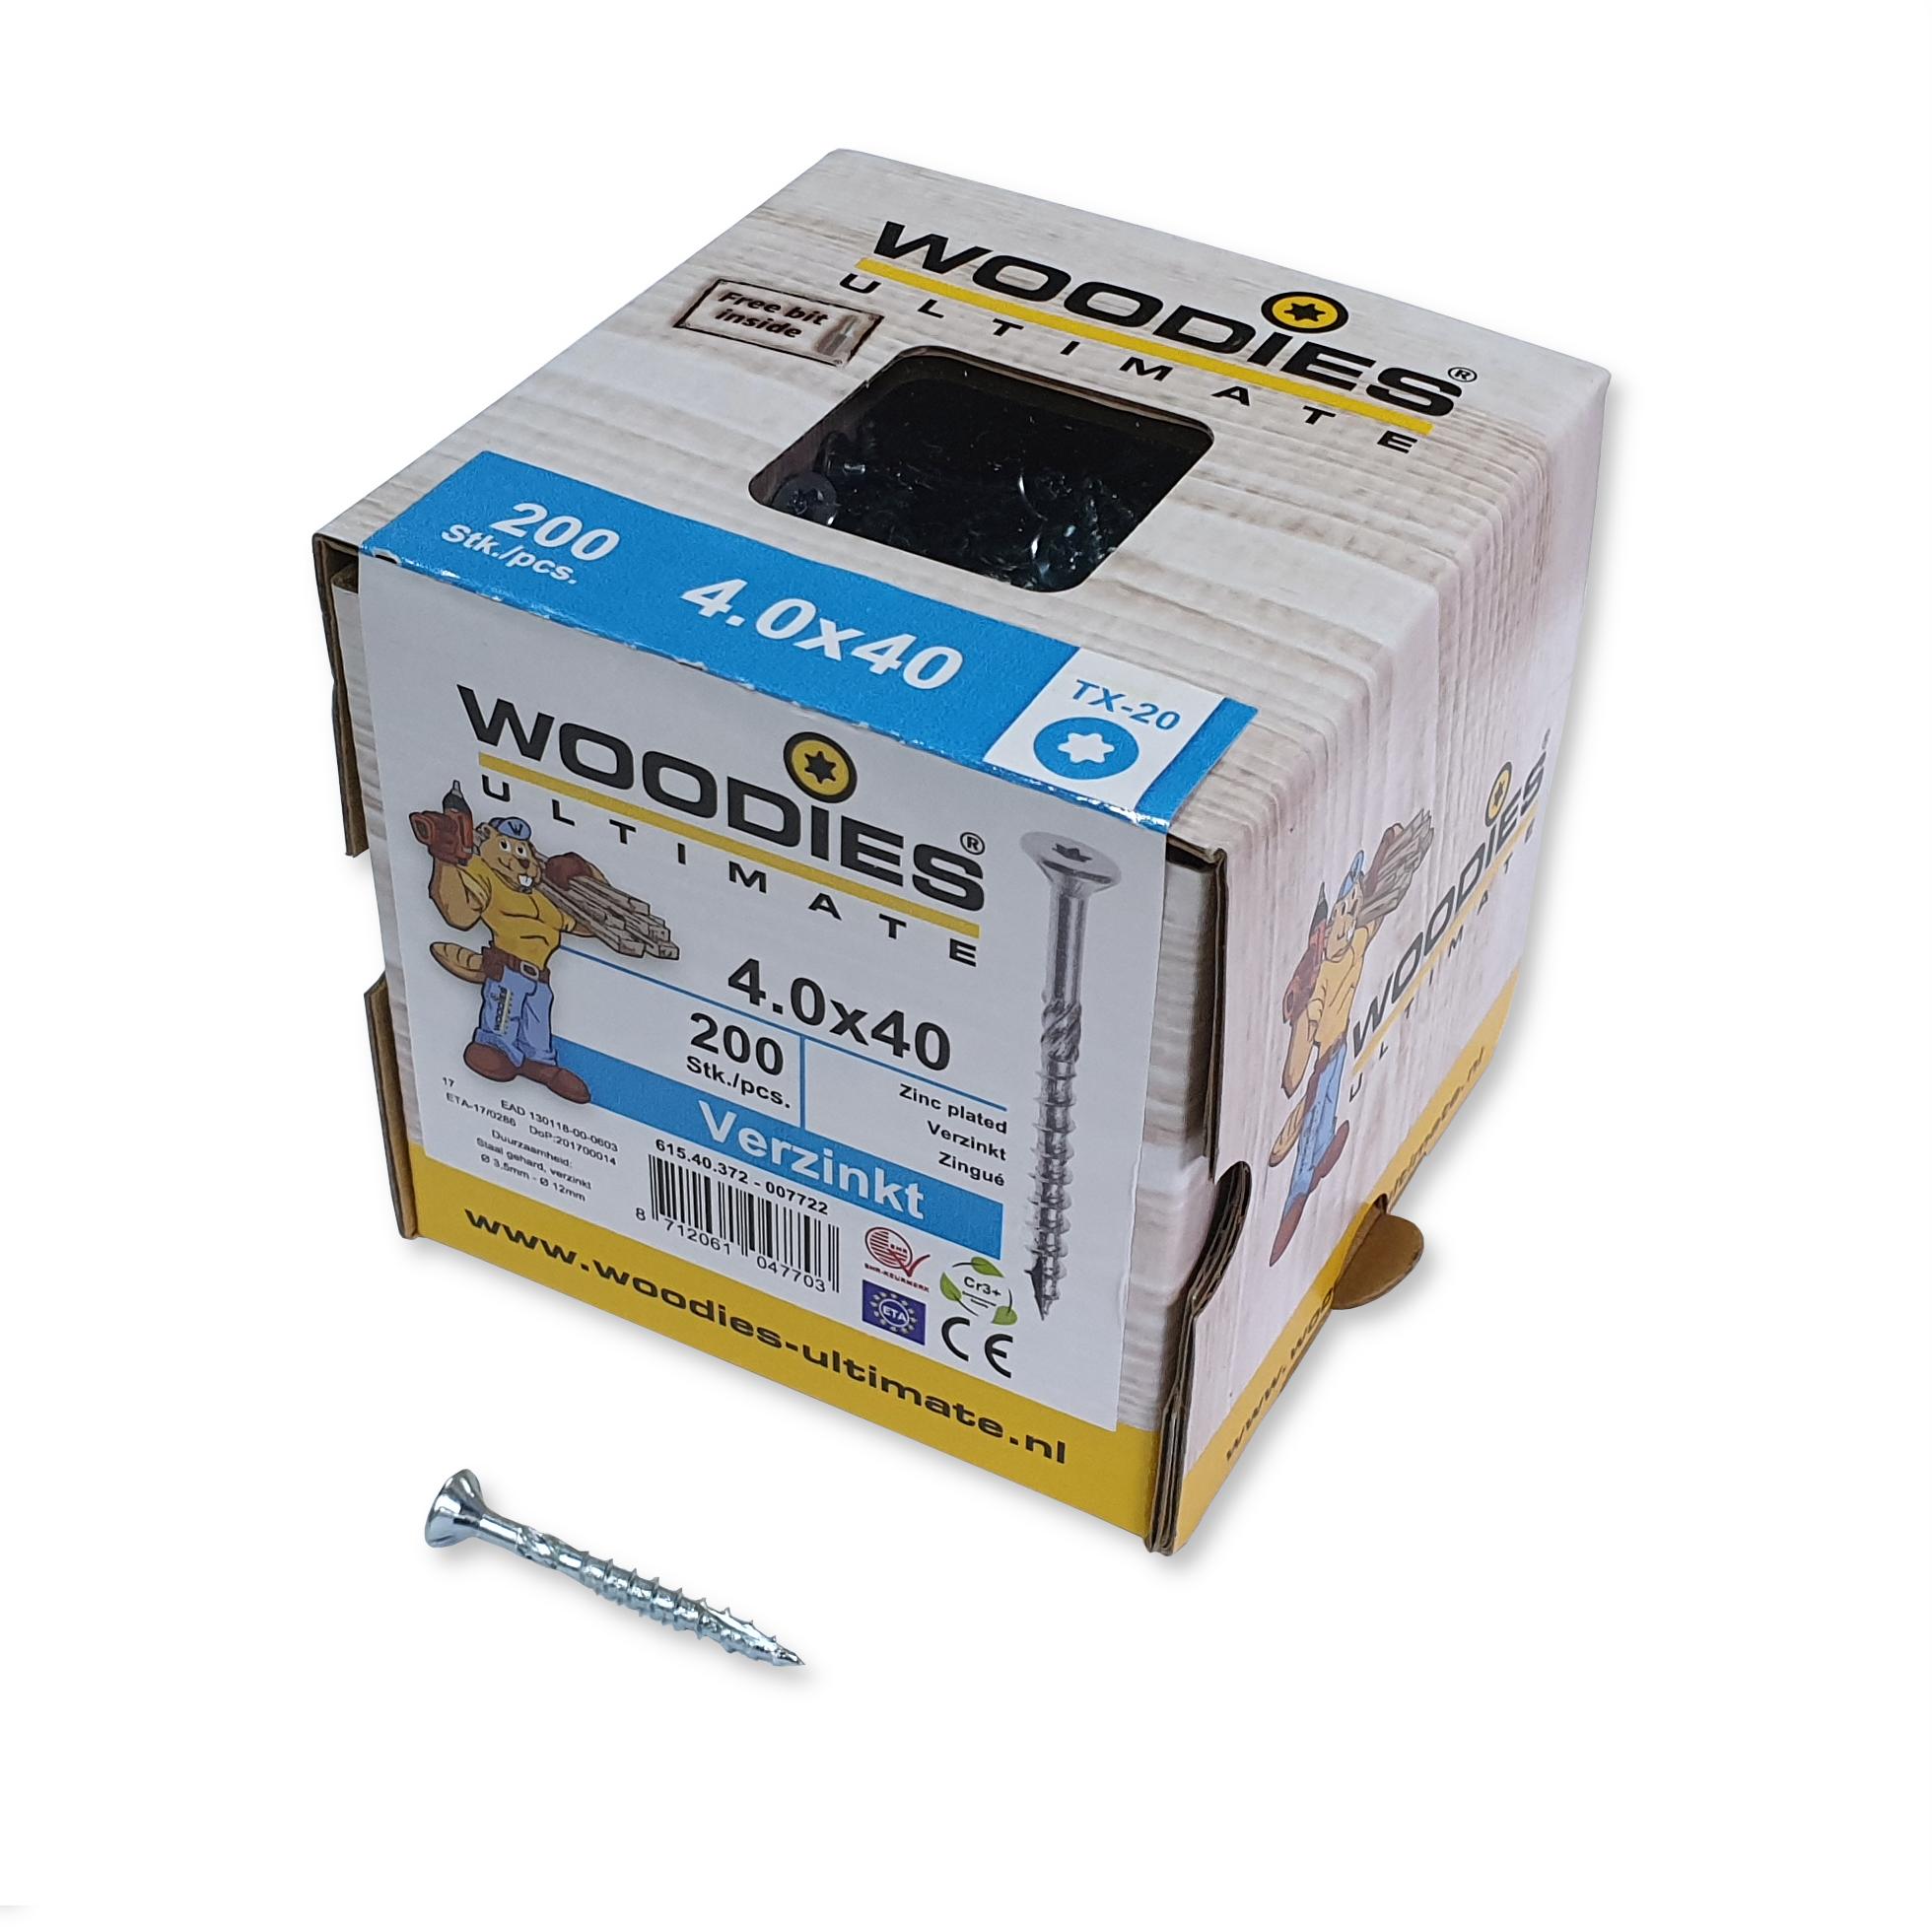 Woodies Spaanplaatschroef platkop verzinkt T 20 4.0x40mm deeldraad (Per 200 stuks)